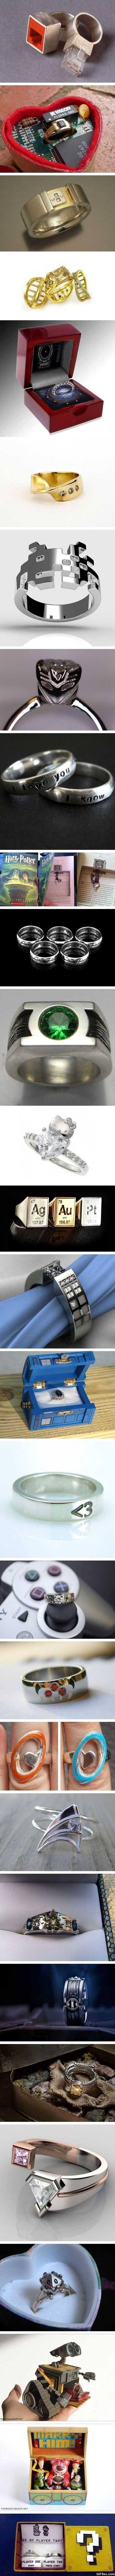 rings-for-geeks